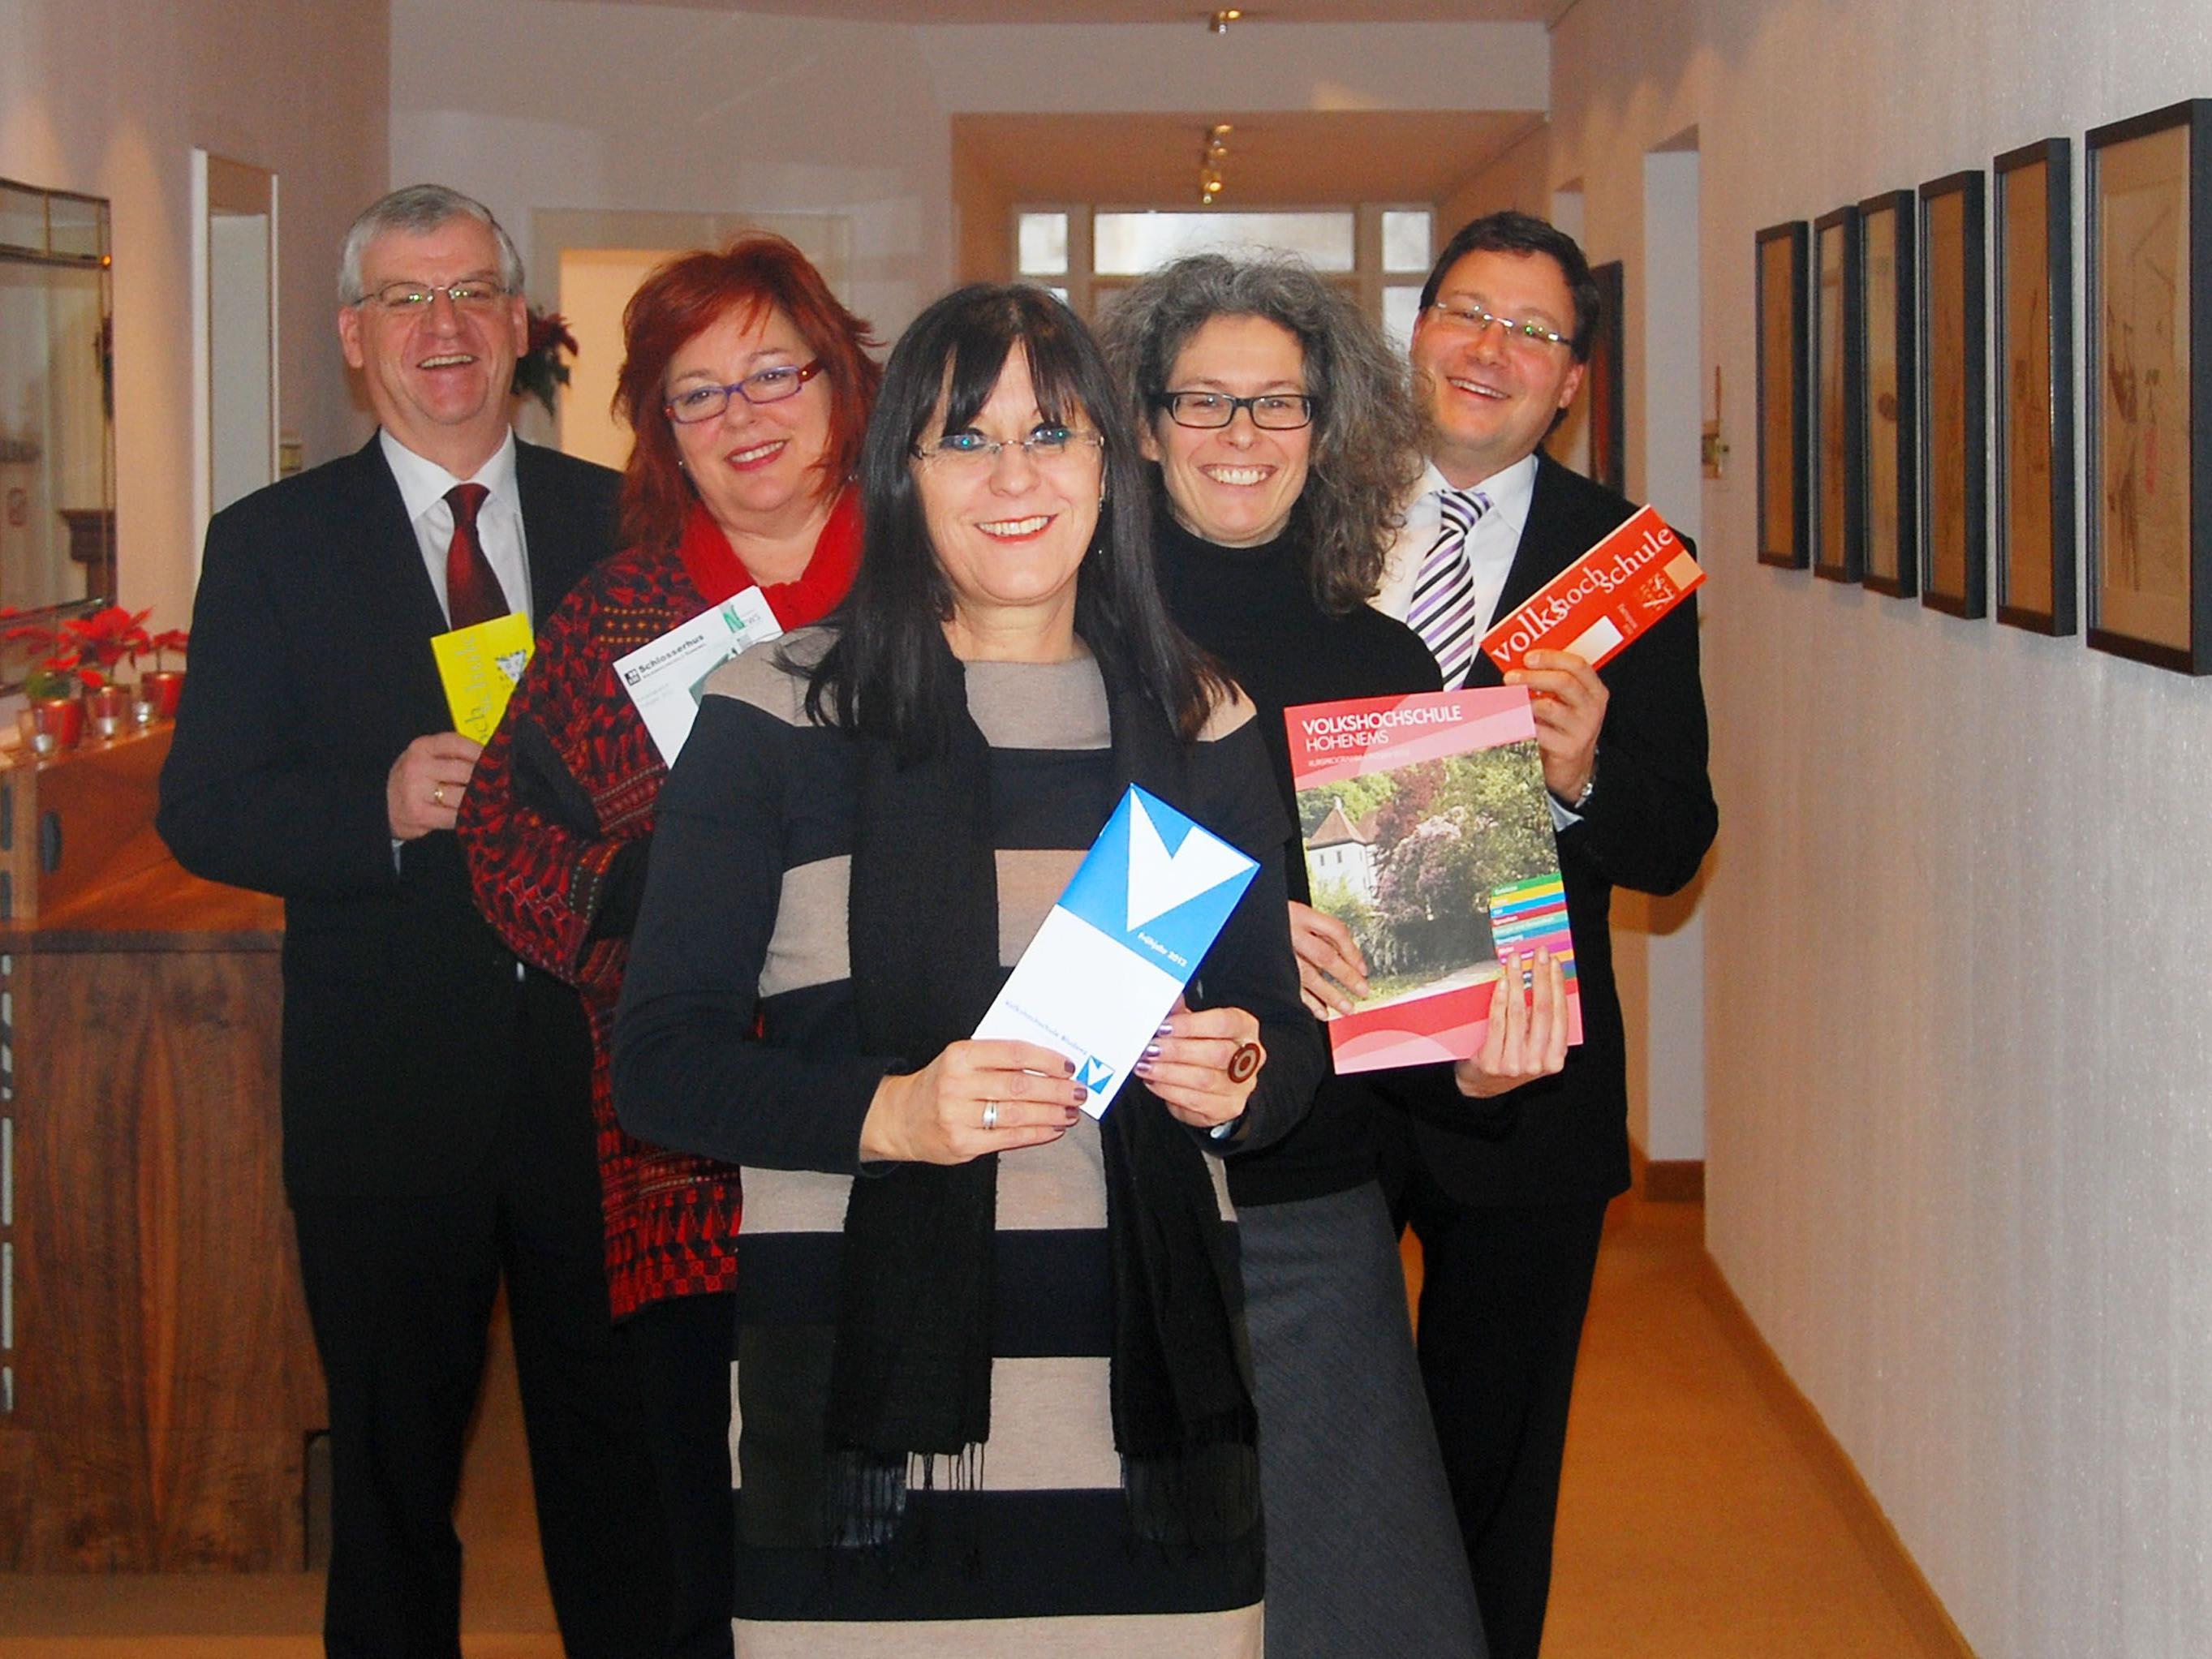 Vorarlbergs Volkshochschulen legten ihre Frühjahrsprogramme vor.